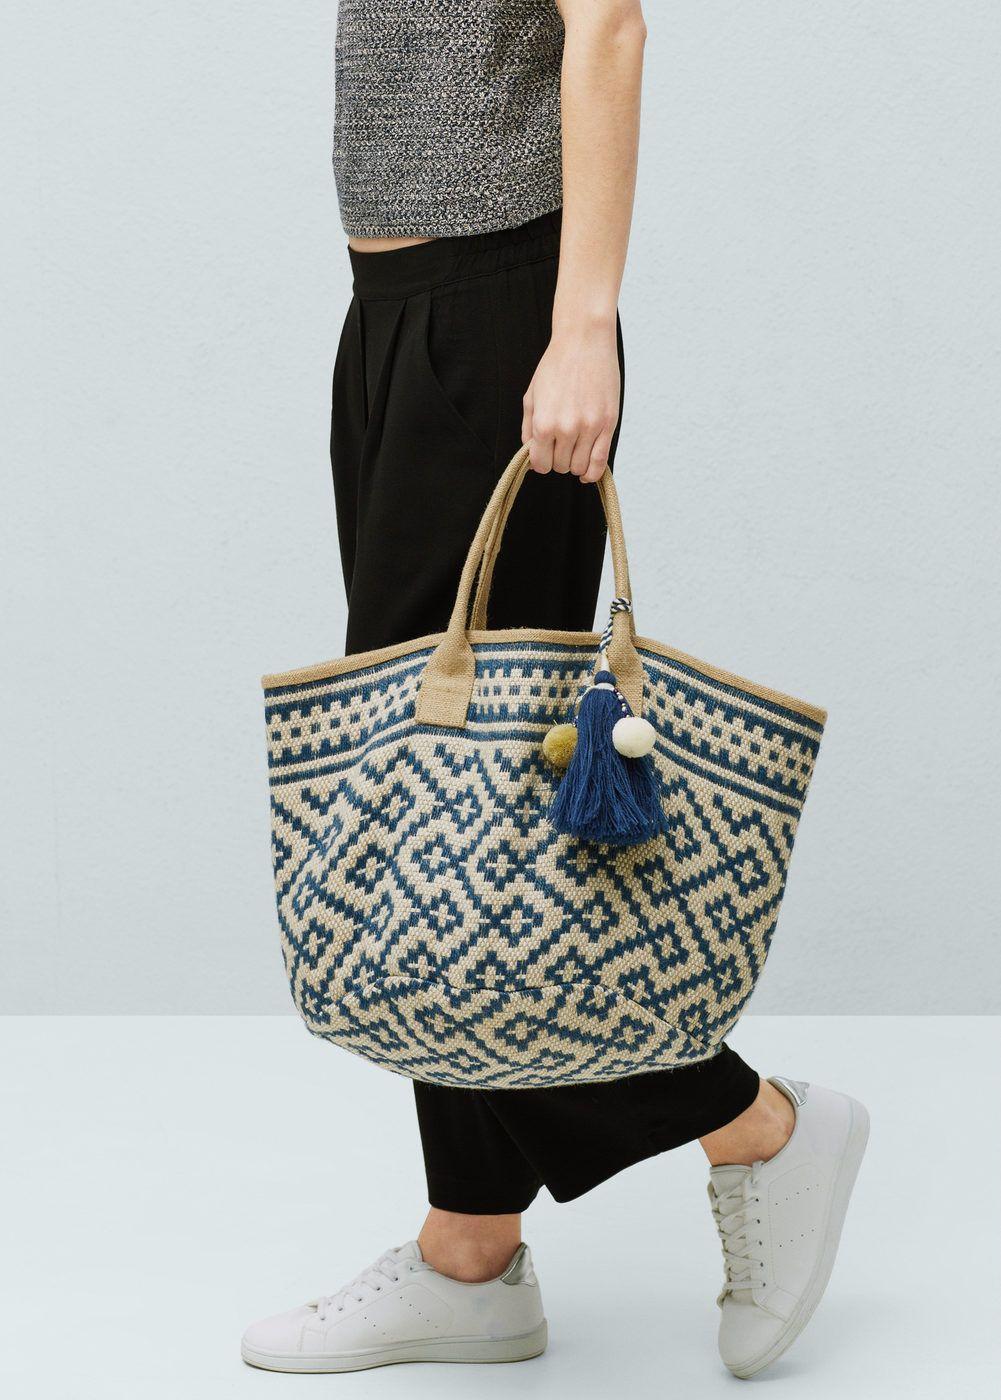 Jute jacquard bag | Jute, Bag and Woman